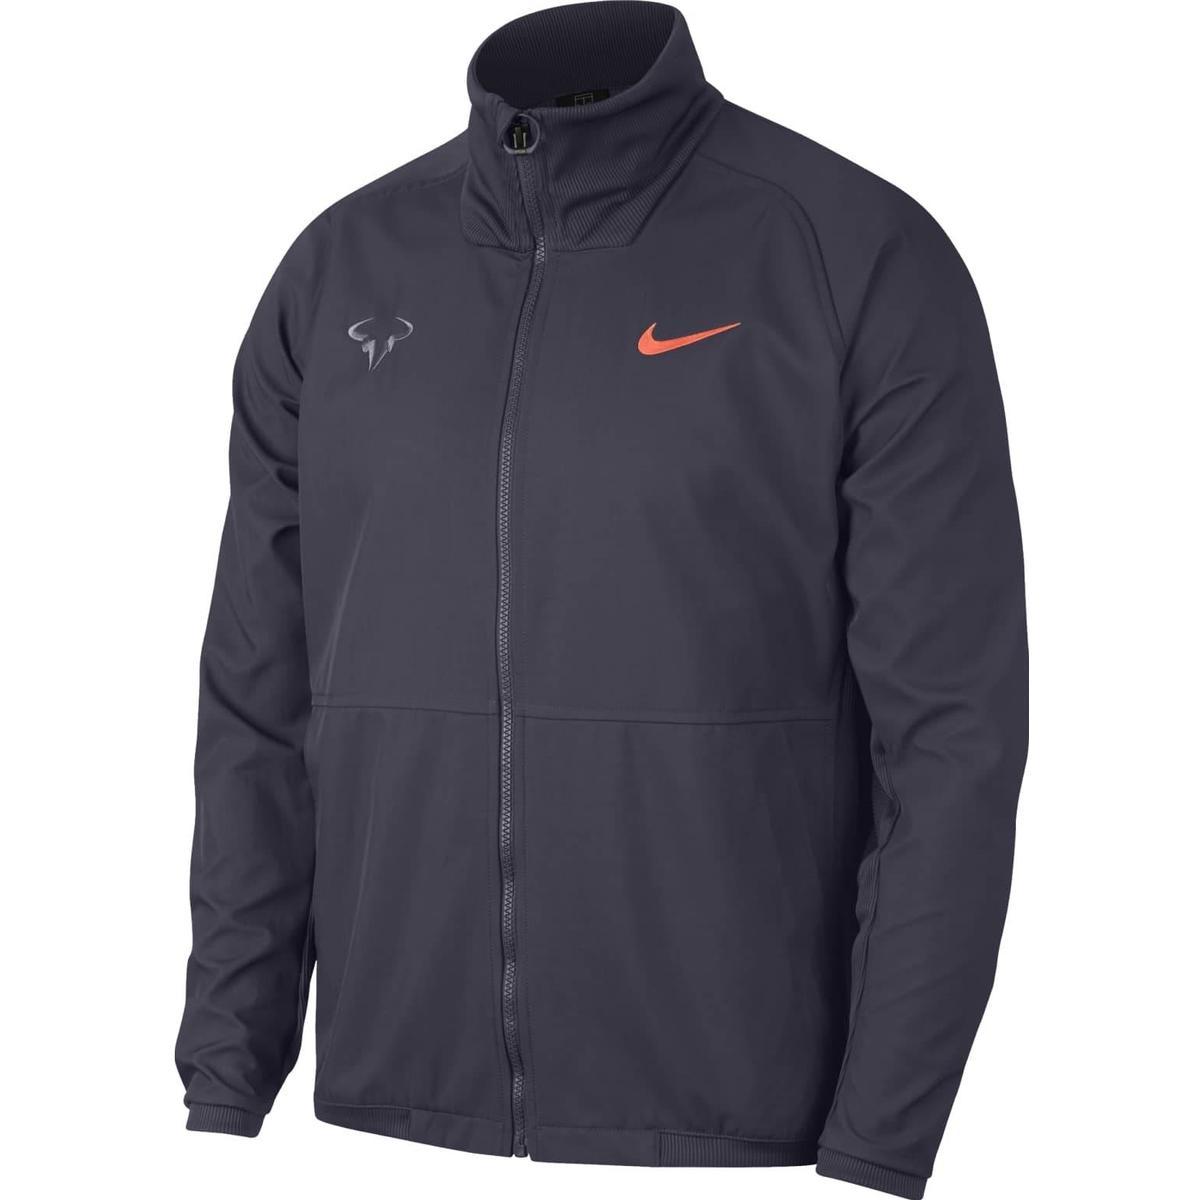 Nike løbejakke herre Sportstøj Sammenlign priser hos